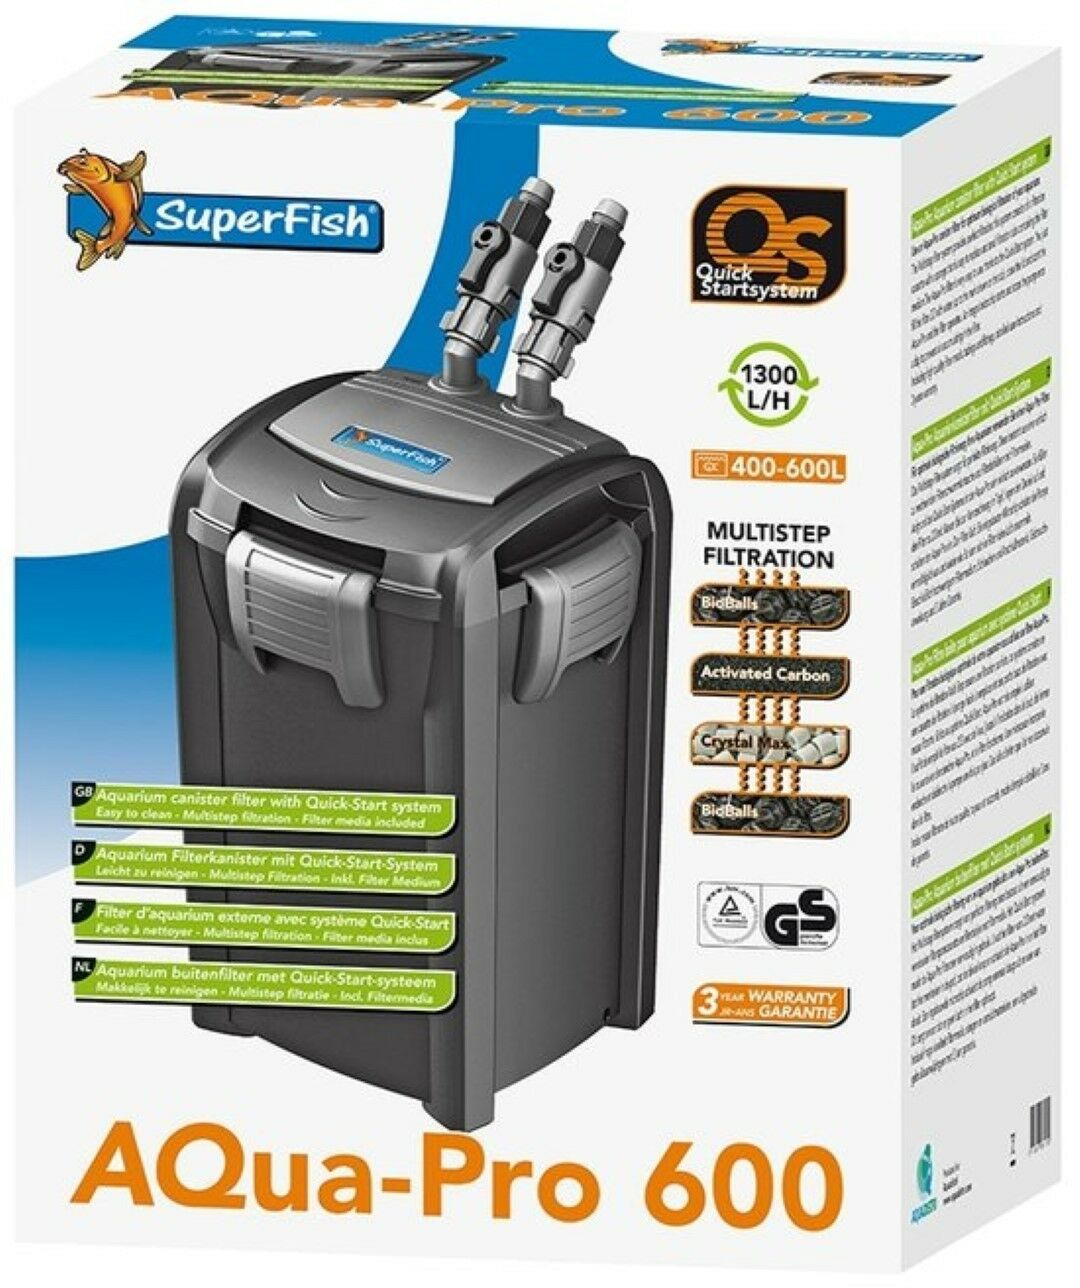 Superfish Aqua Pro 200 400 600 External Fish Tank Filter Aquarium Filter & Media